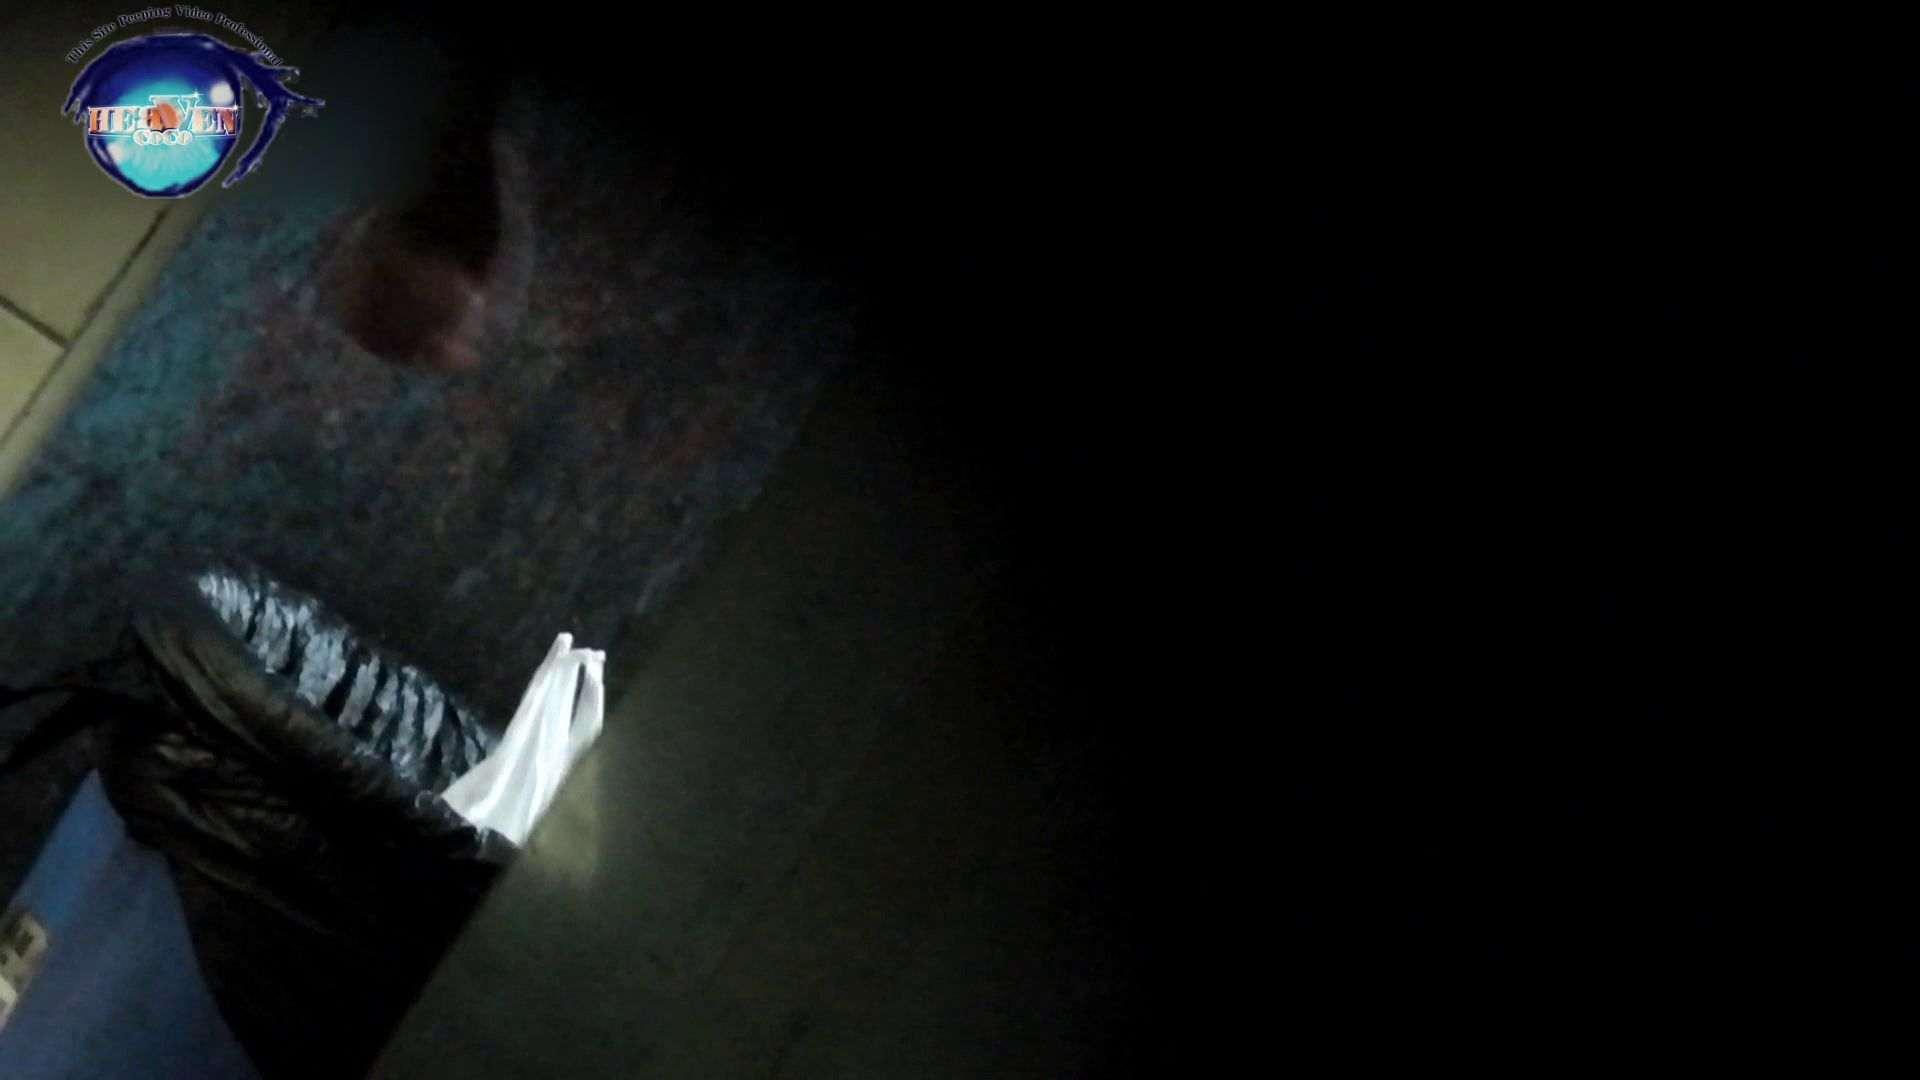 トイレ盗撮 世界の射窓からステーション編 vol.30 割り込みに怒った美女!後編 のぞき本舗 中村屋